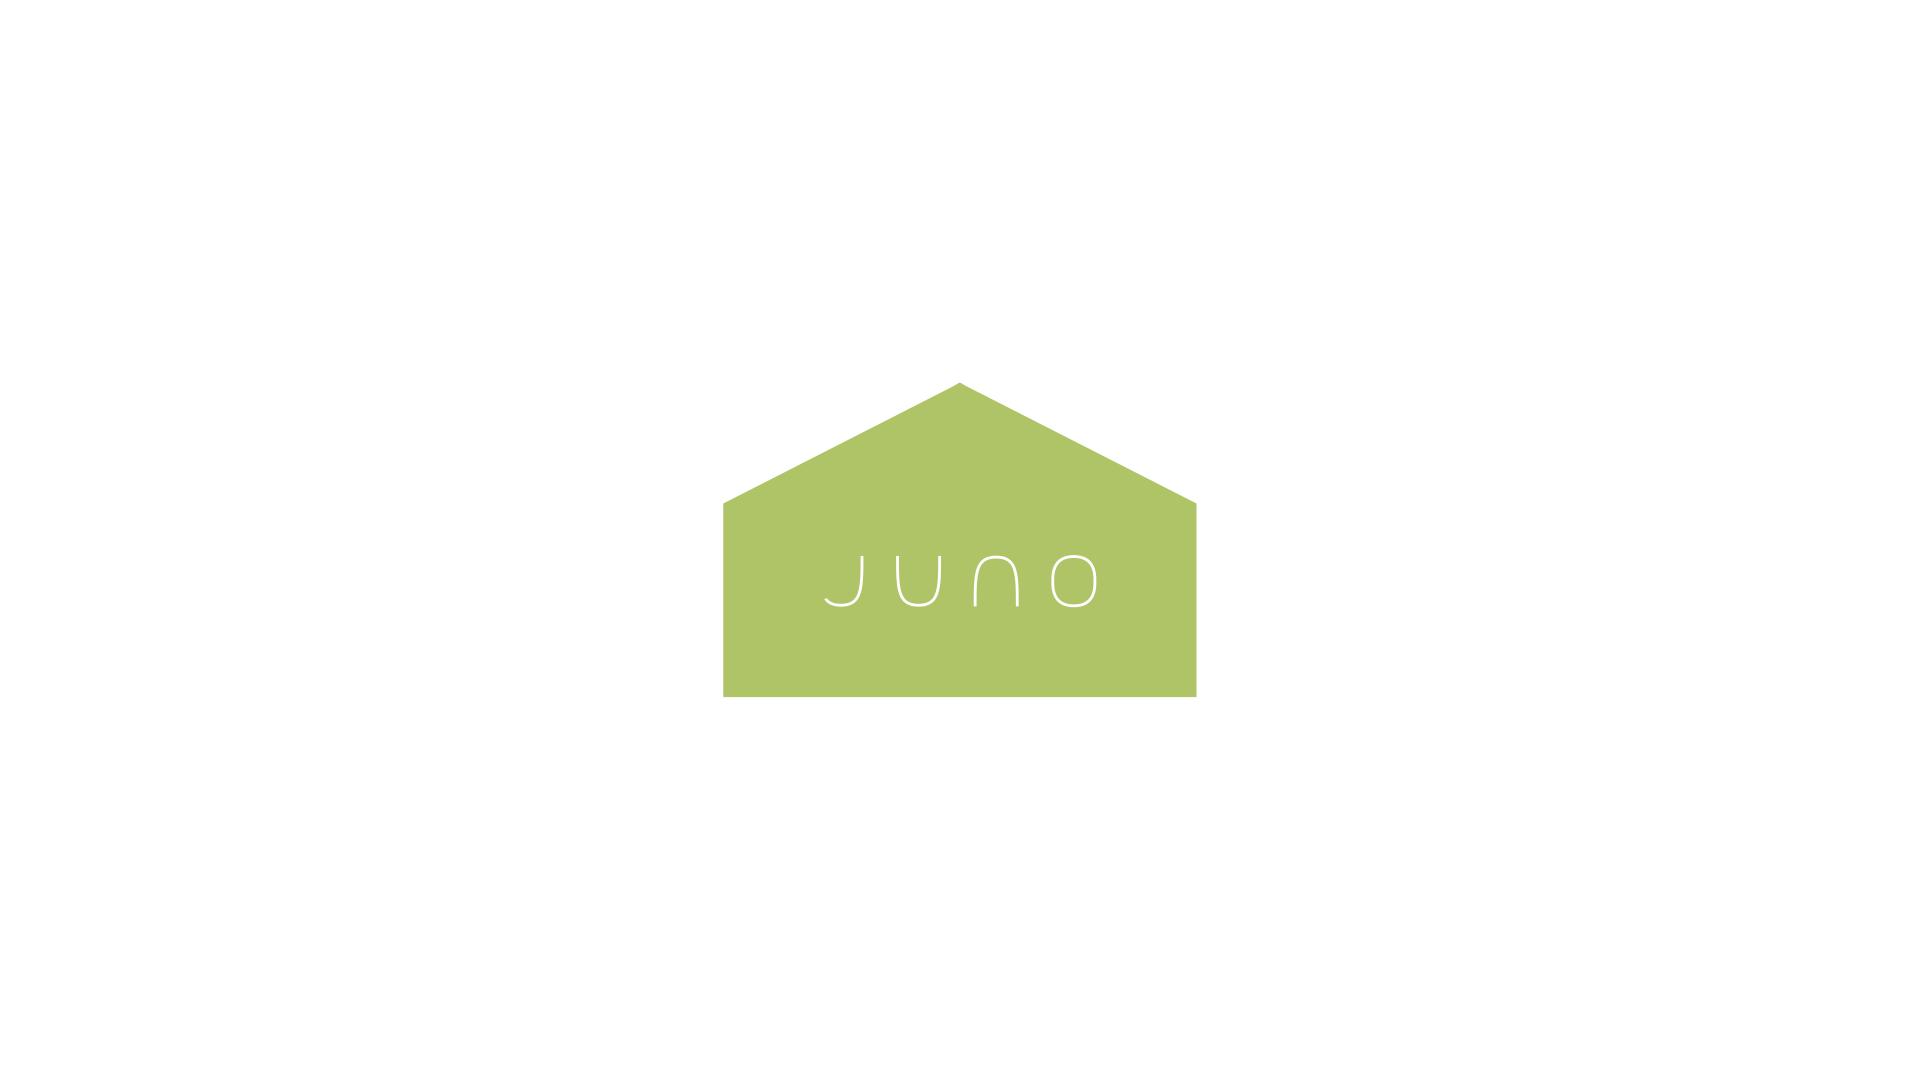 JUNO.002